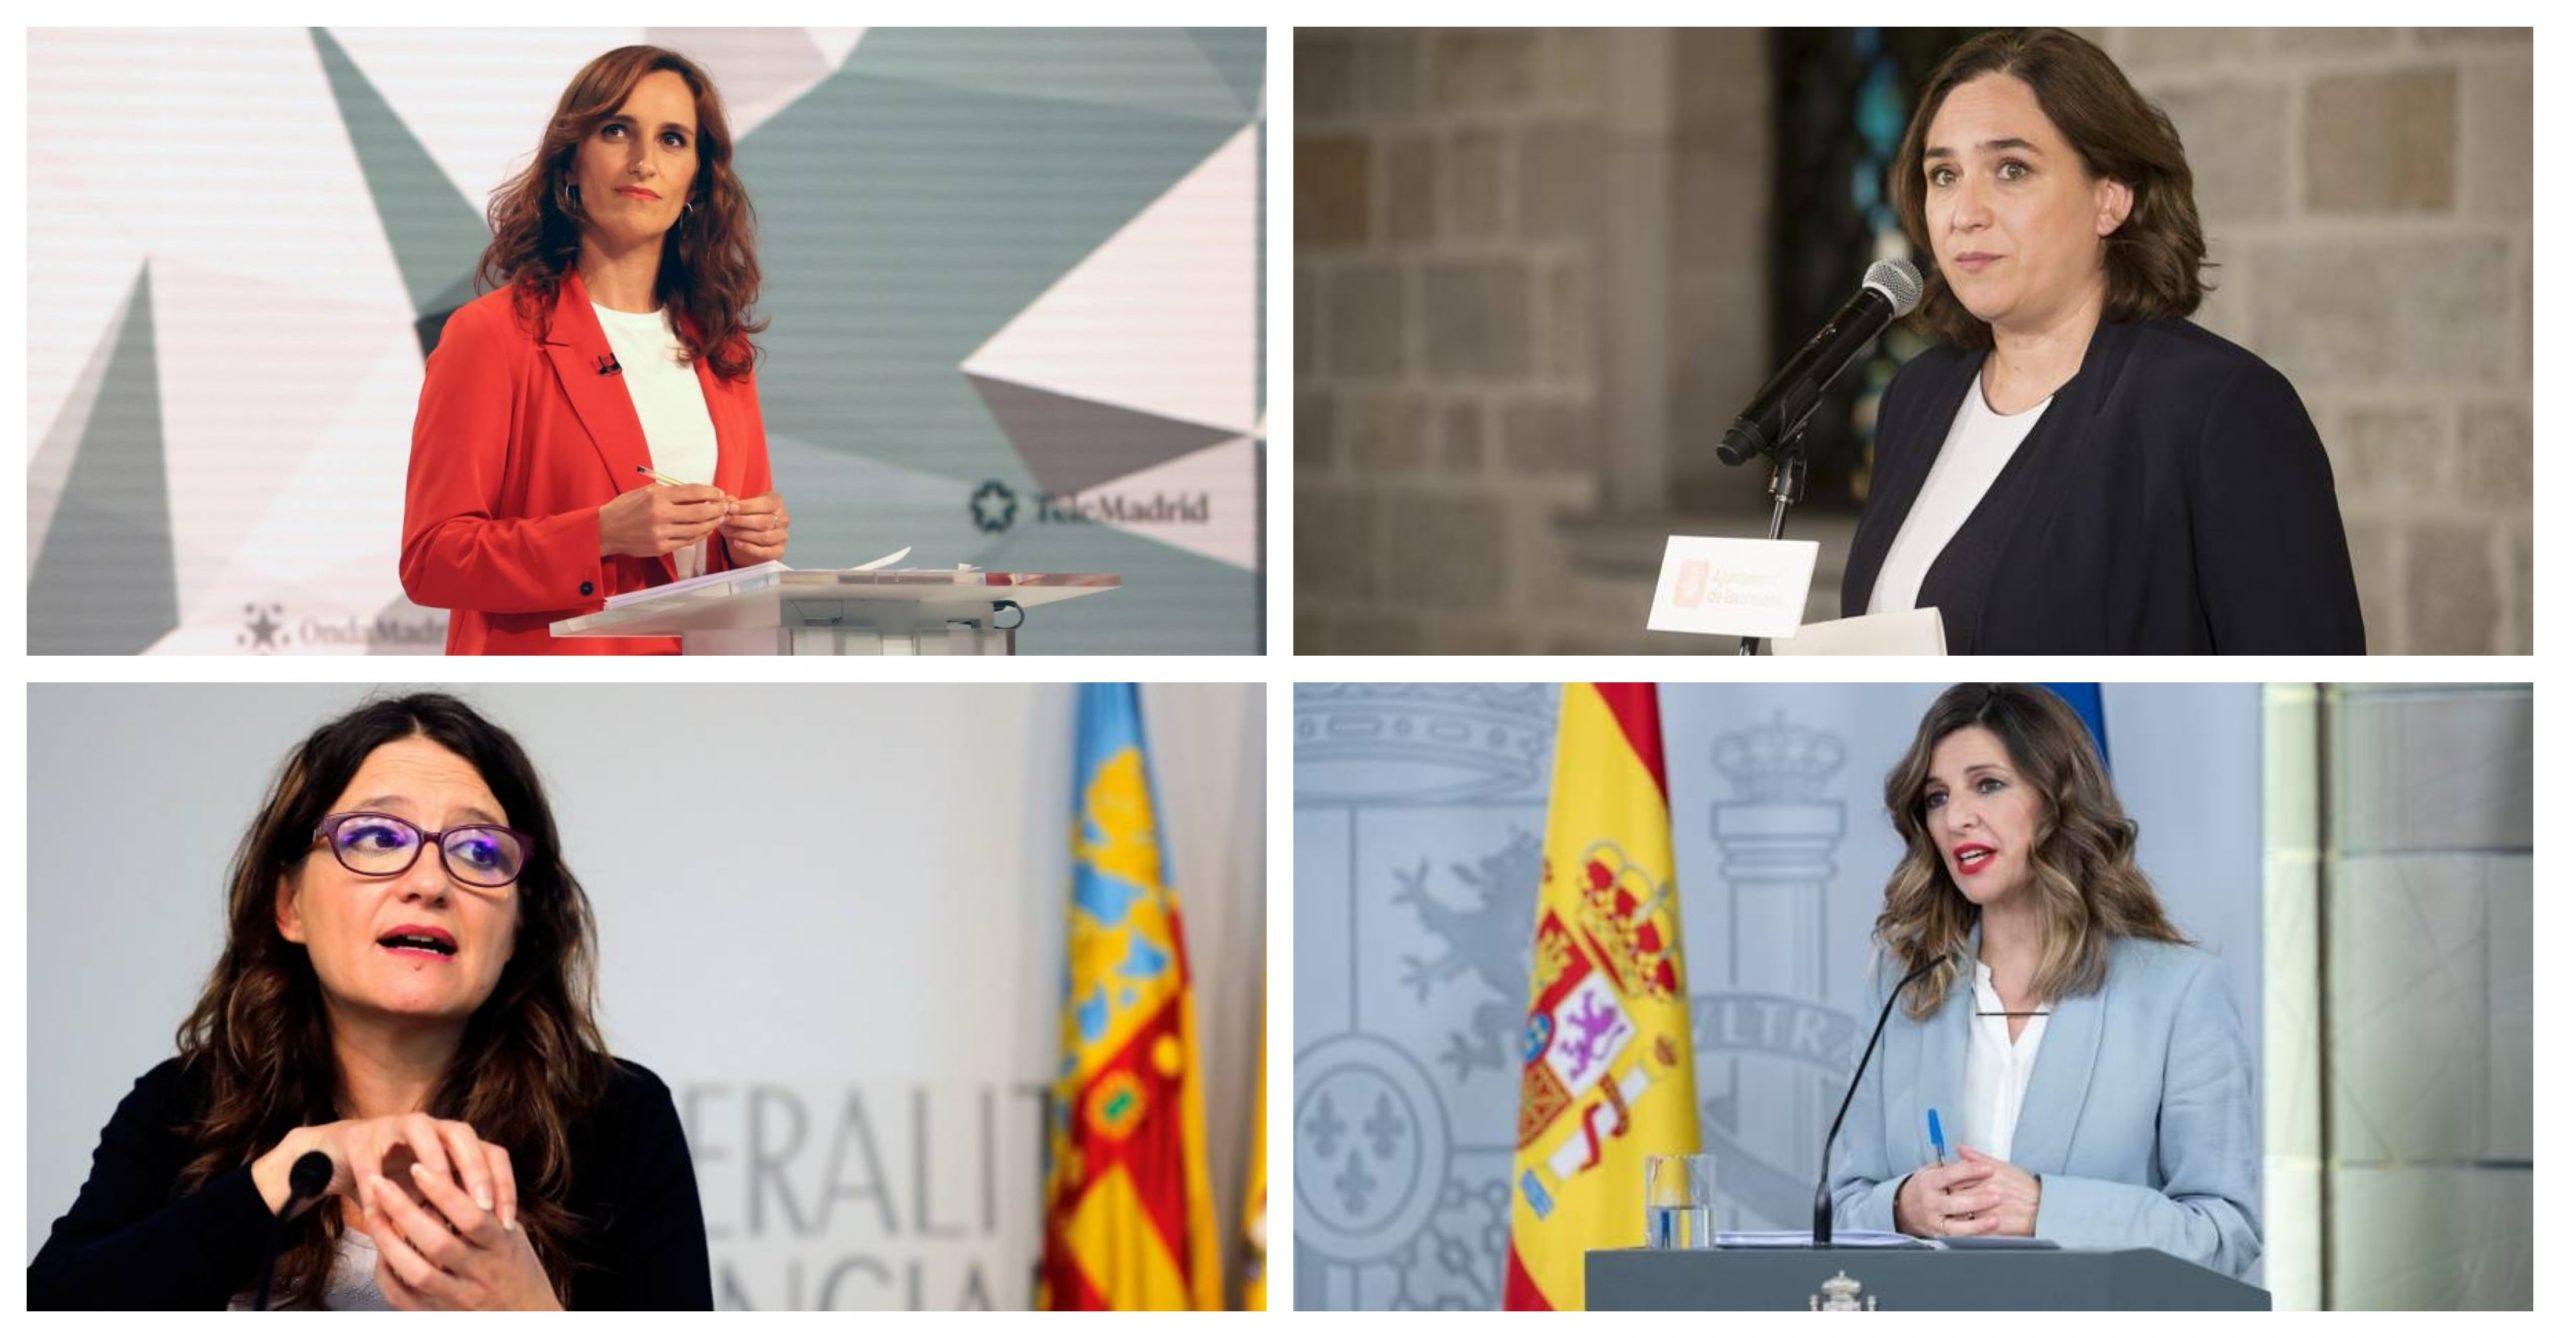 De izquierda a derecha y de arriba a abajo: Mónica García, Ada Colau, Mónica Oltra y Yolanda Díaz- Imágenes de EFE